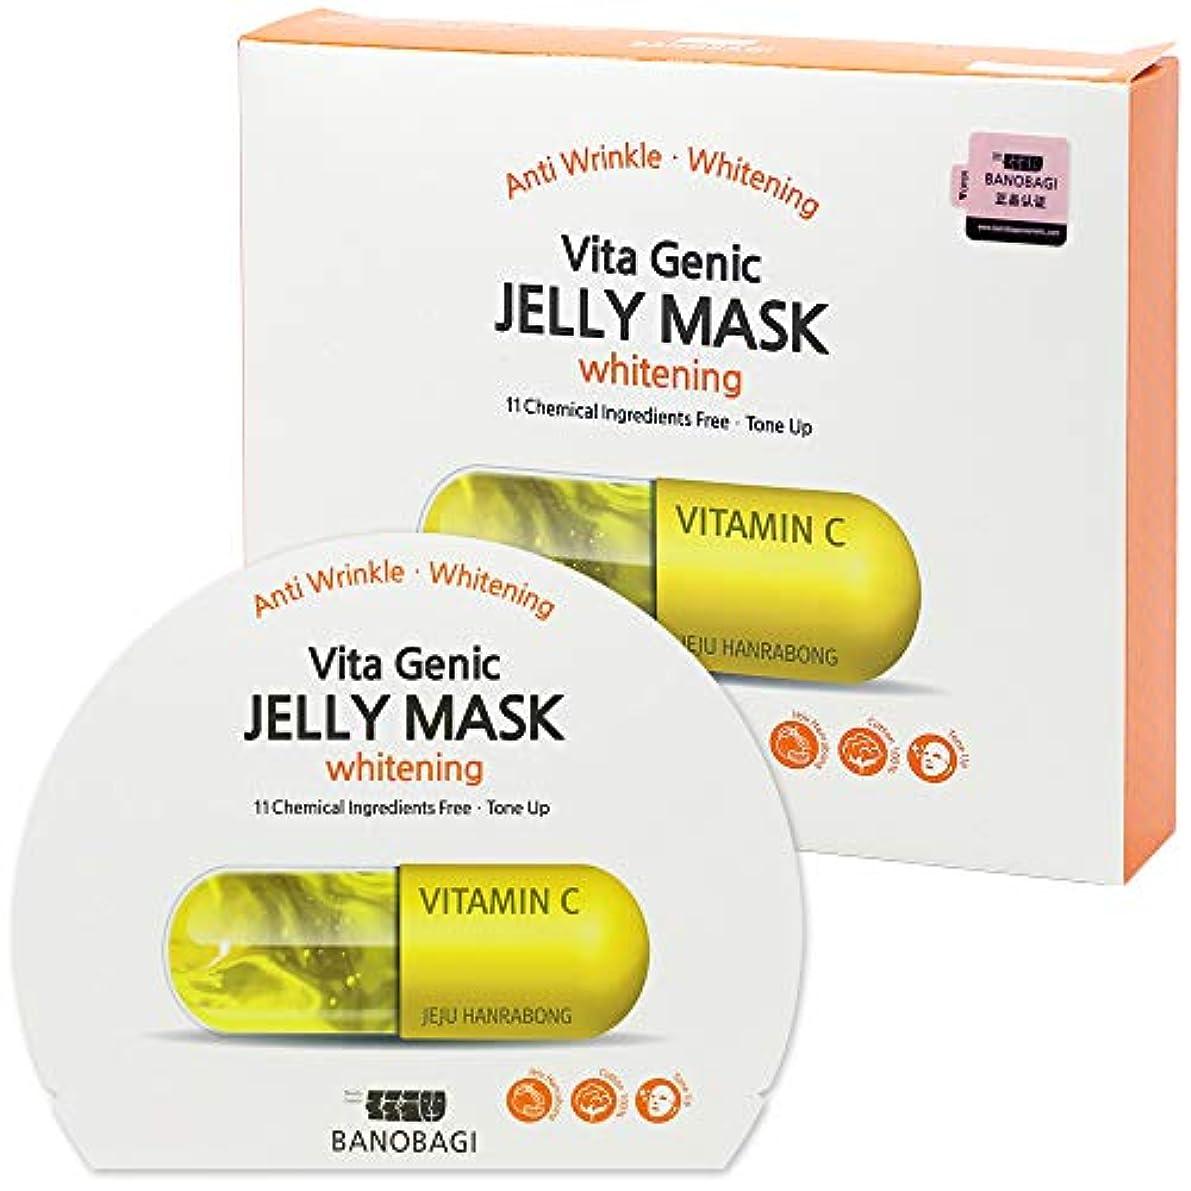 大学生移植クラウンバナバギ[BANOBAGI] ヴィータジェニックゼリーマスク★ホワイトニング(黄色)30mlx10P / Vita Genic Jelly Mask (Whitening-Yellow)